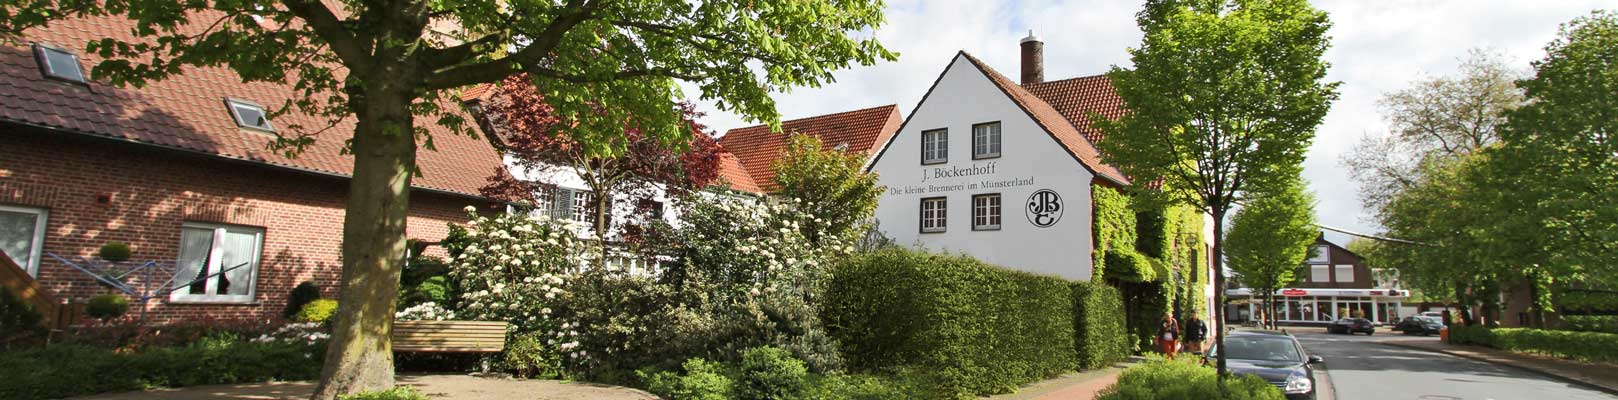 Home Kornbrennerei Böckenhoff Die Kleine Brennerei Im Münsterland